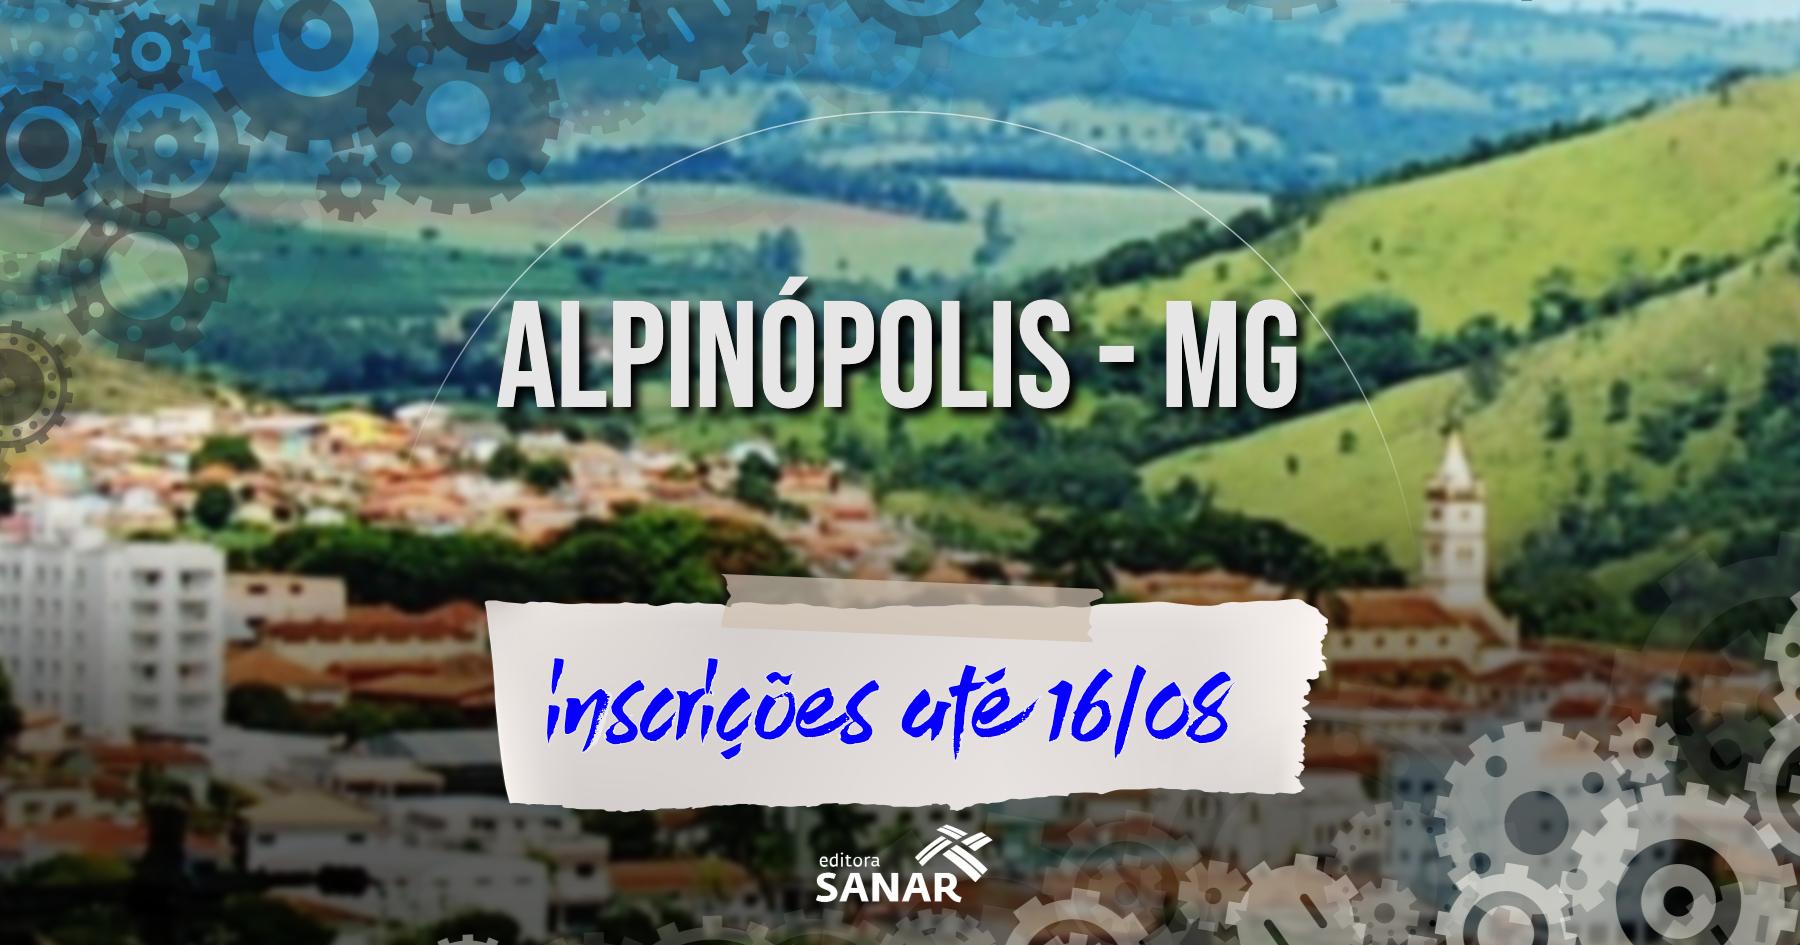 Seleção | Alpinópolis (MG) divulga edital